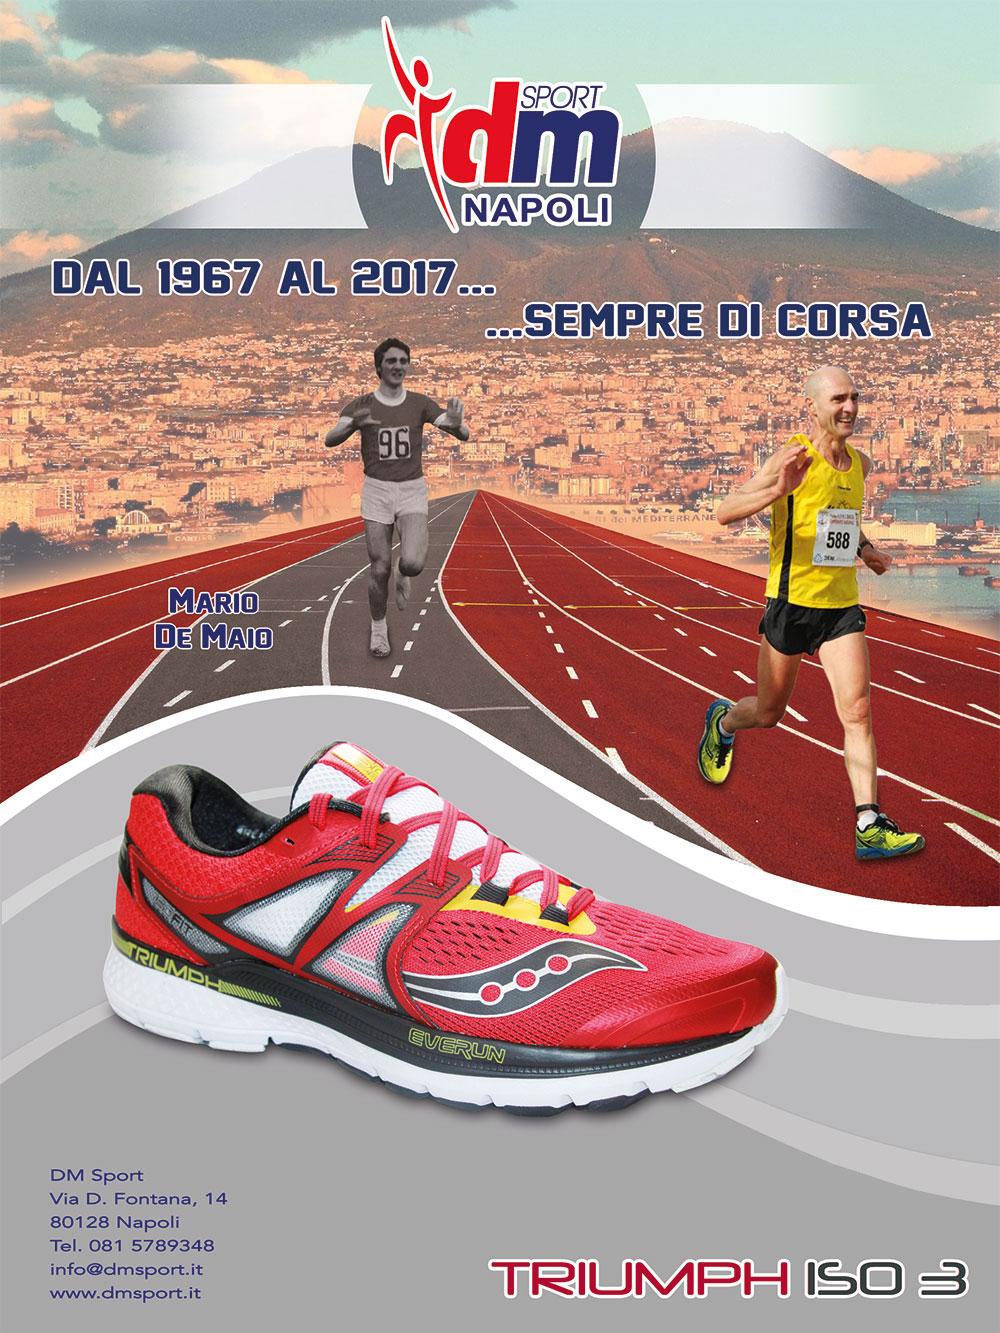 Scarpe Sportive Napoli Vomero 081 5789348  - DM Sport  negozi online calcio ultimissime marche